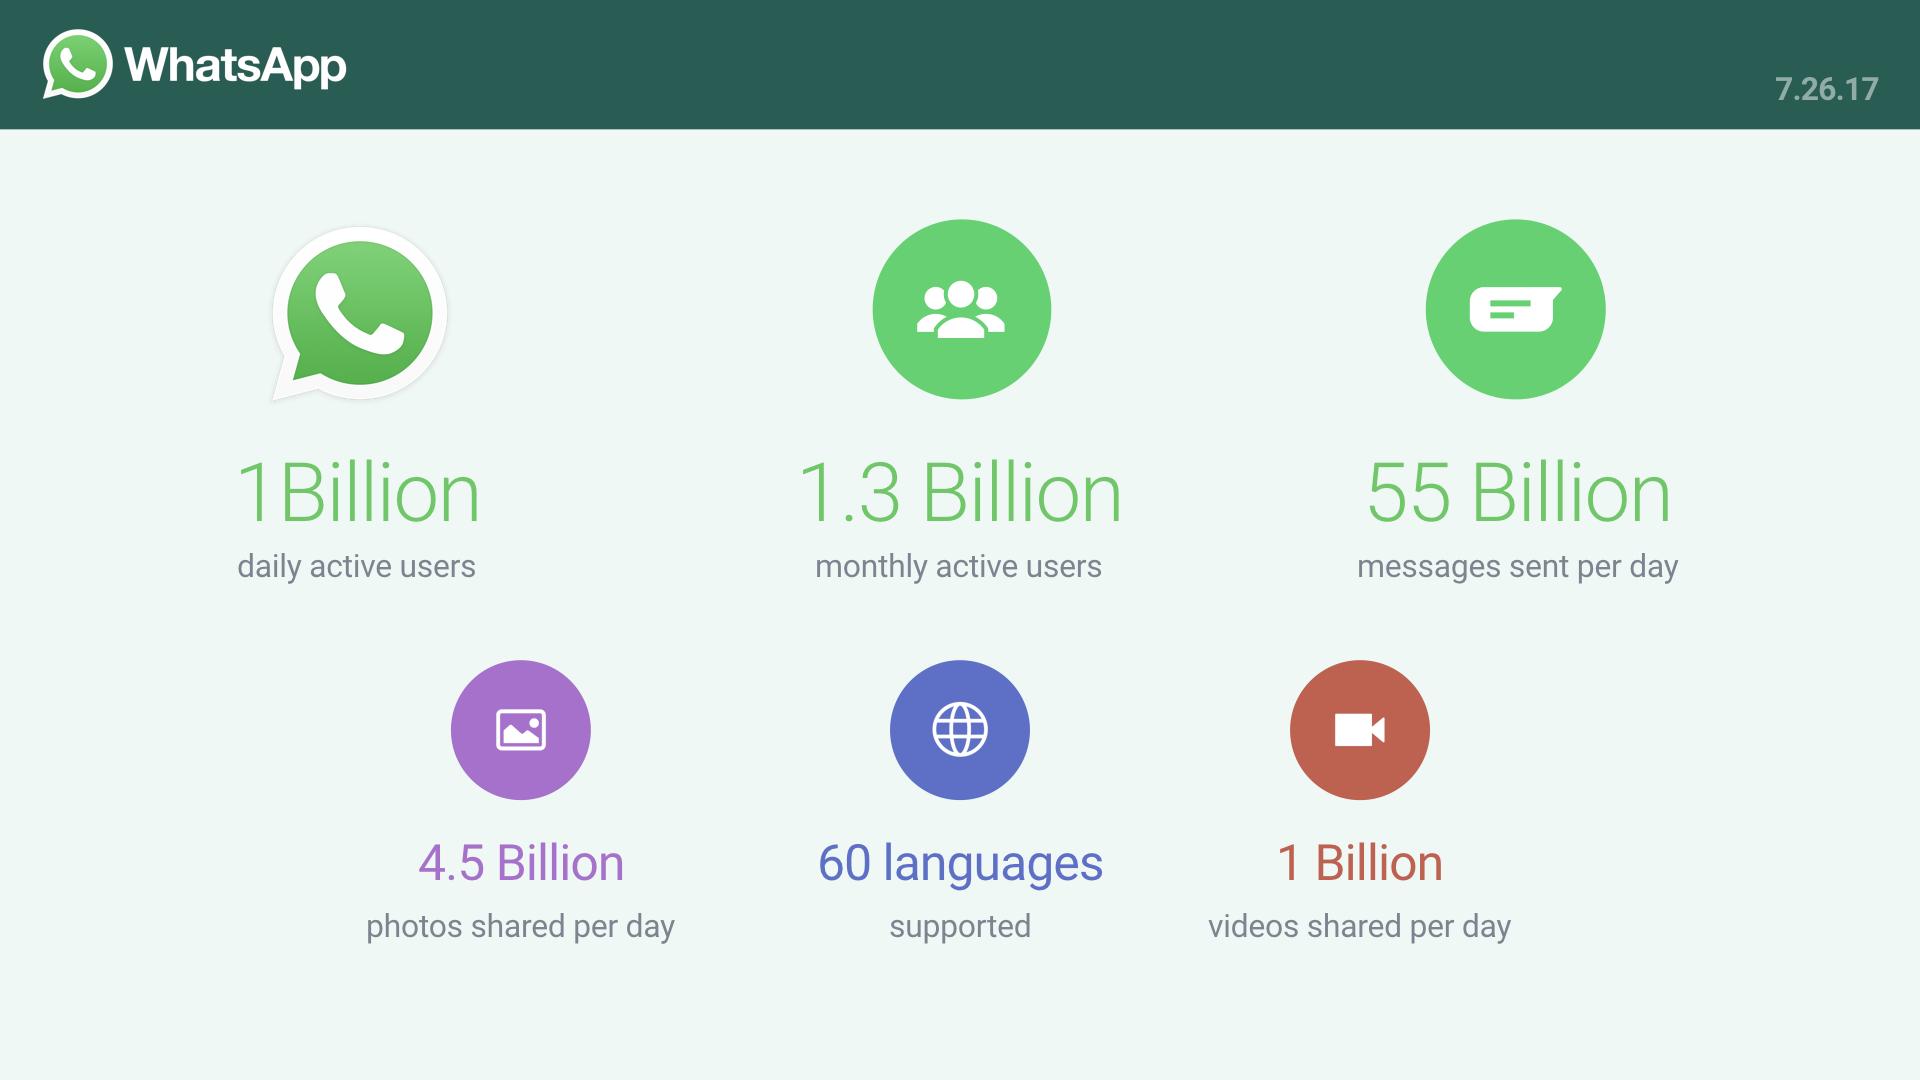 Cómo utilizar WhatsApp para vender más y duplicar tu ingreso